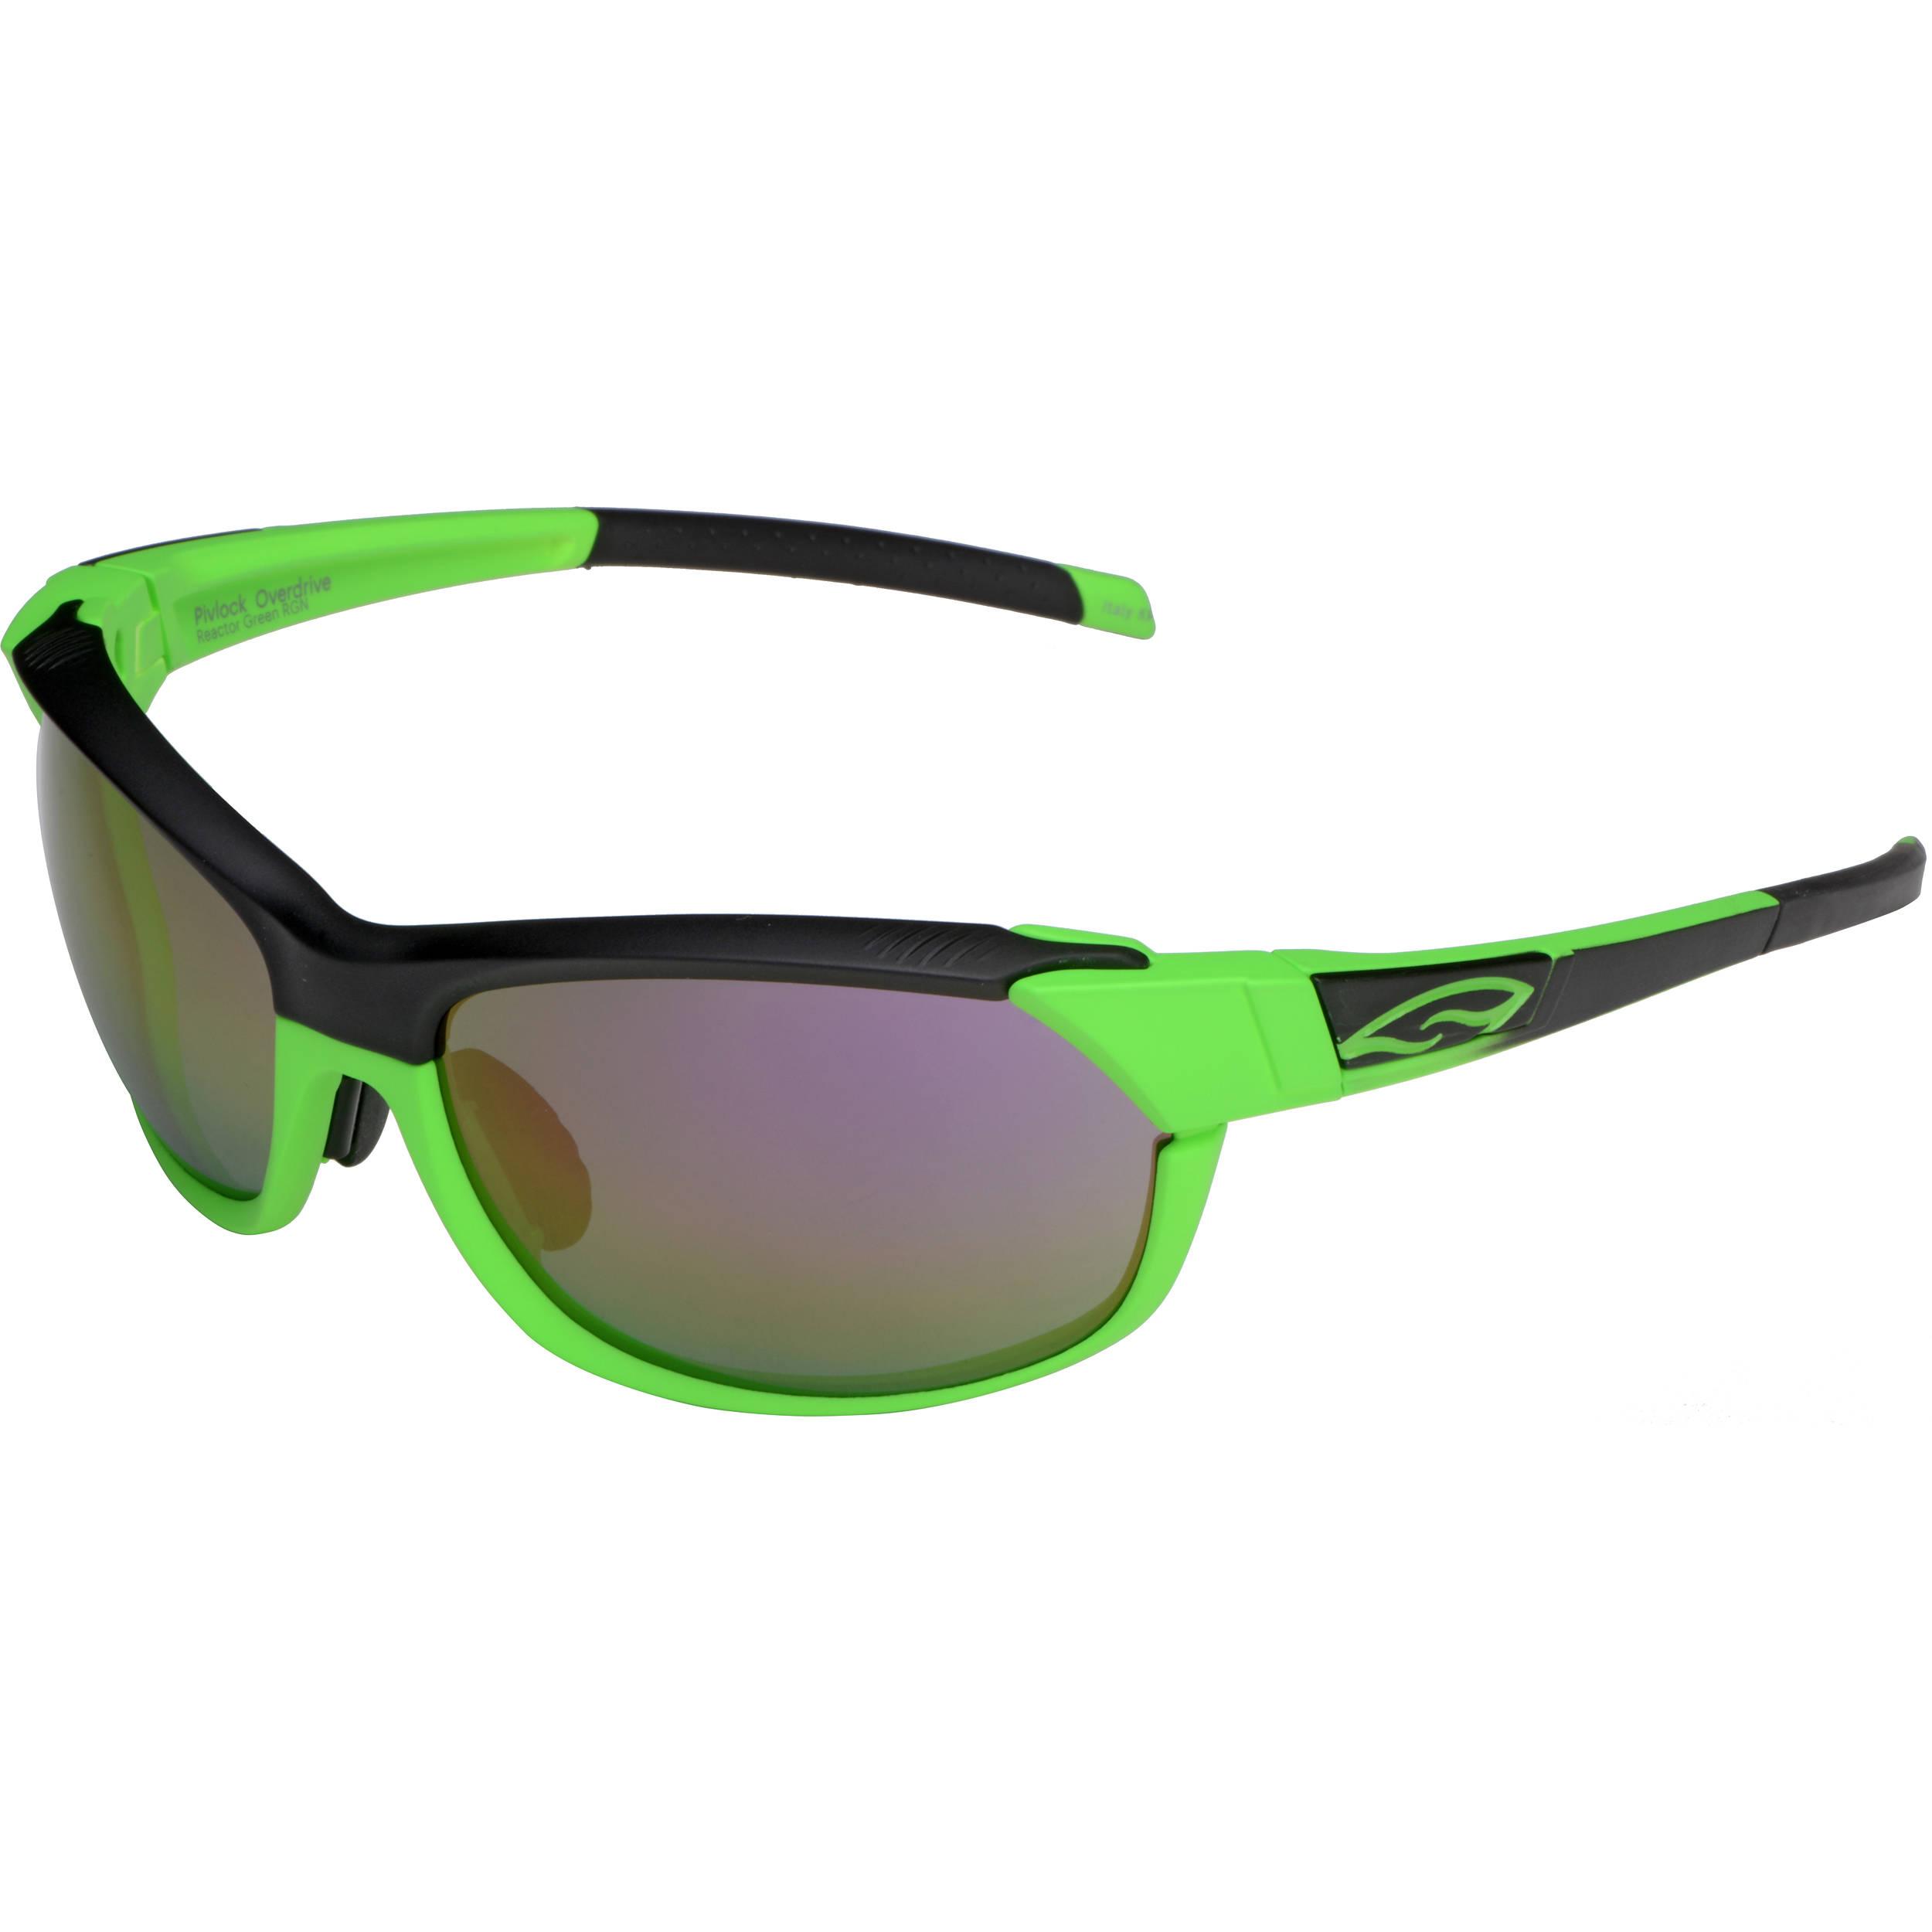 5254ad316e8 Smith Optics PivLock Overdrive Sunglasses (Reactor Green - Purple Sol X  Mirror Lens)